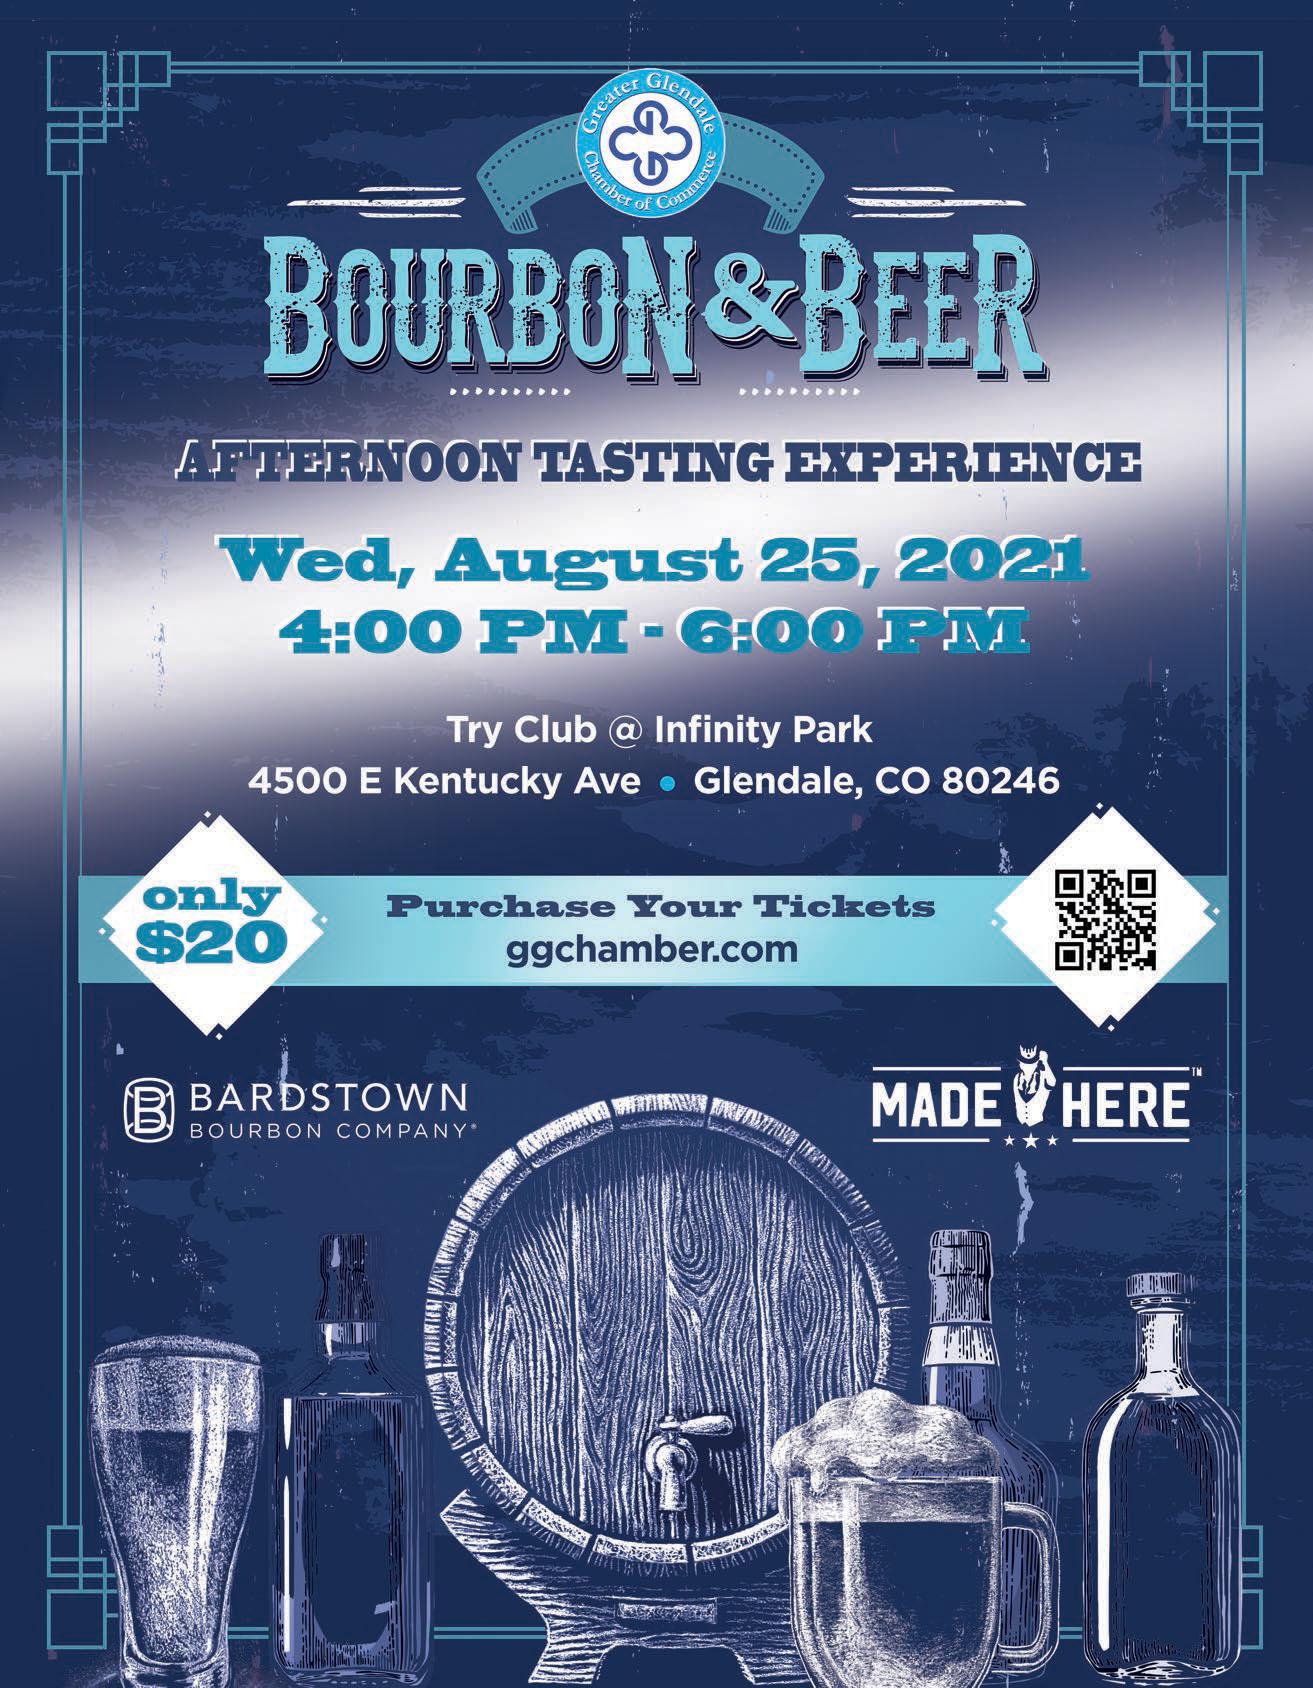 Bourbon & Beer